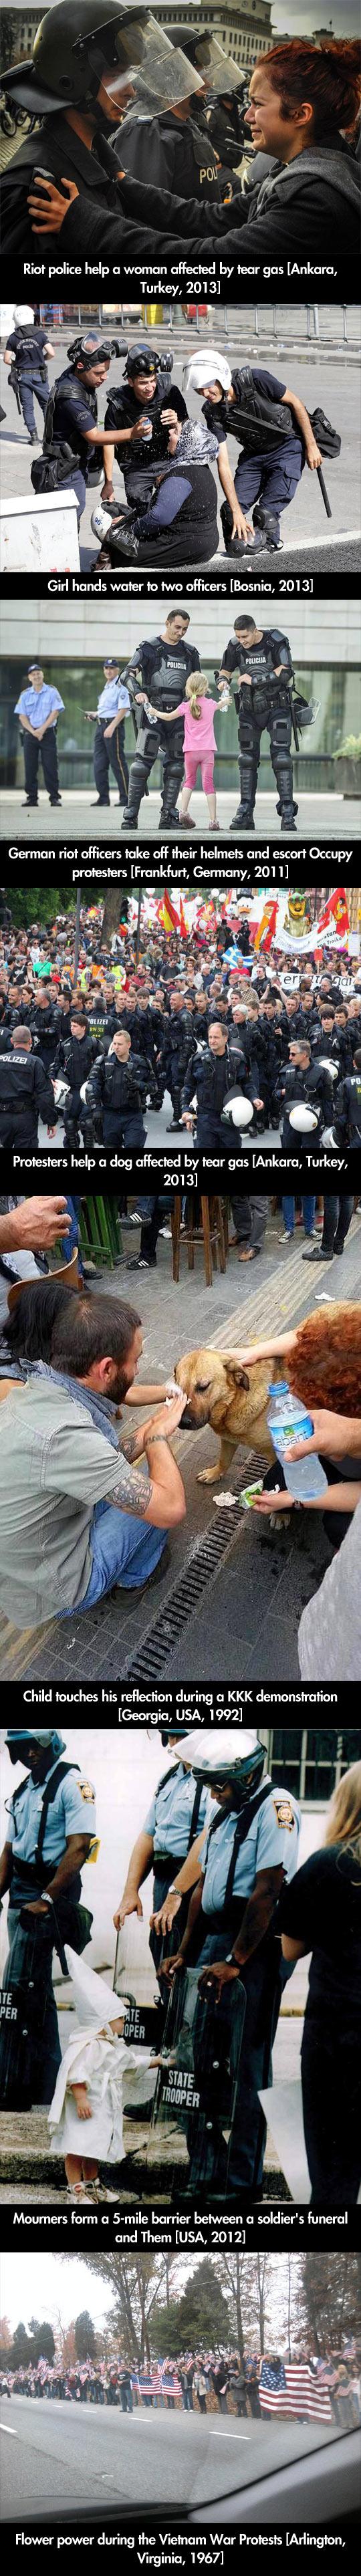 cool-protest-love-compassion-Bulgaria